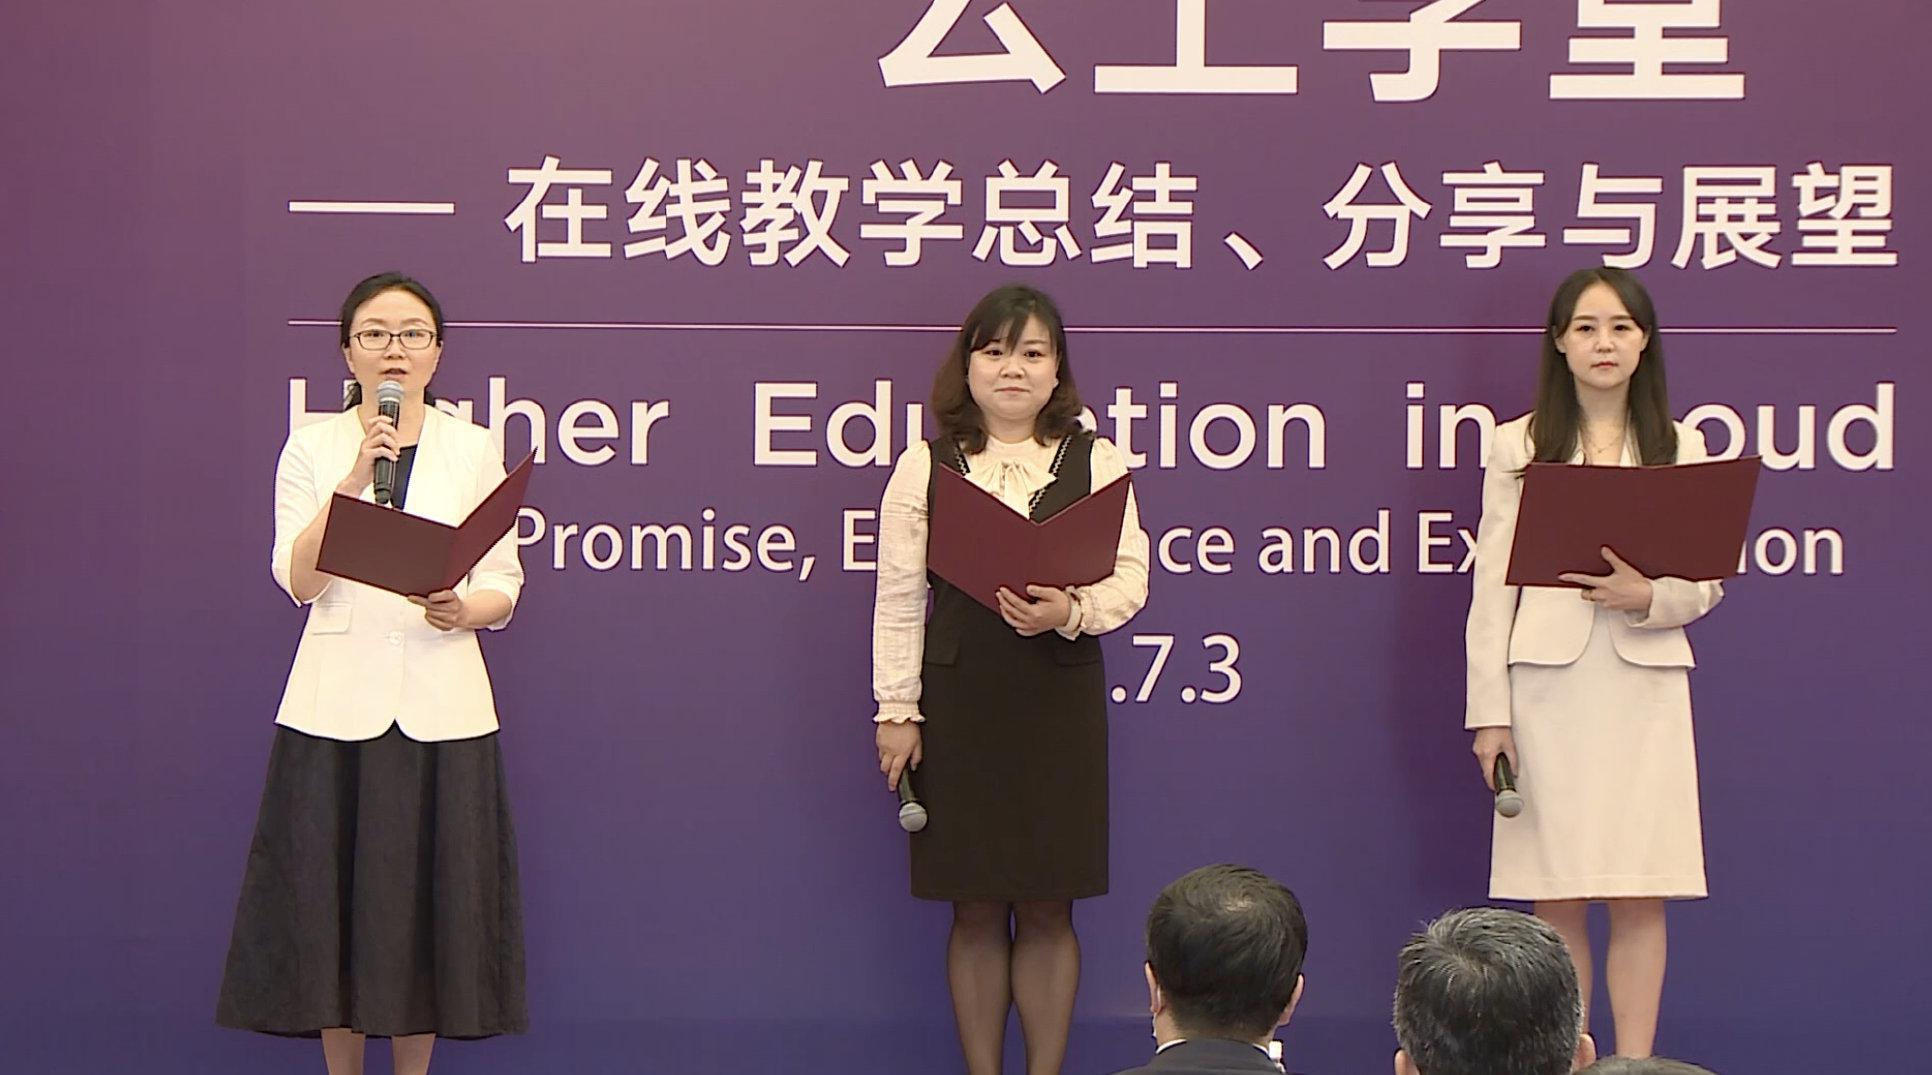 清华大学基层教学管理人员代表分享:屏幕背后的奉献